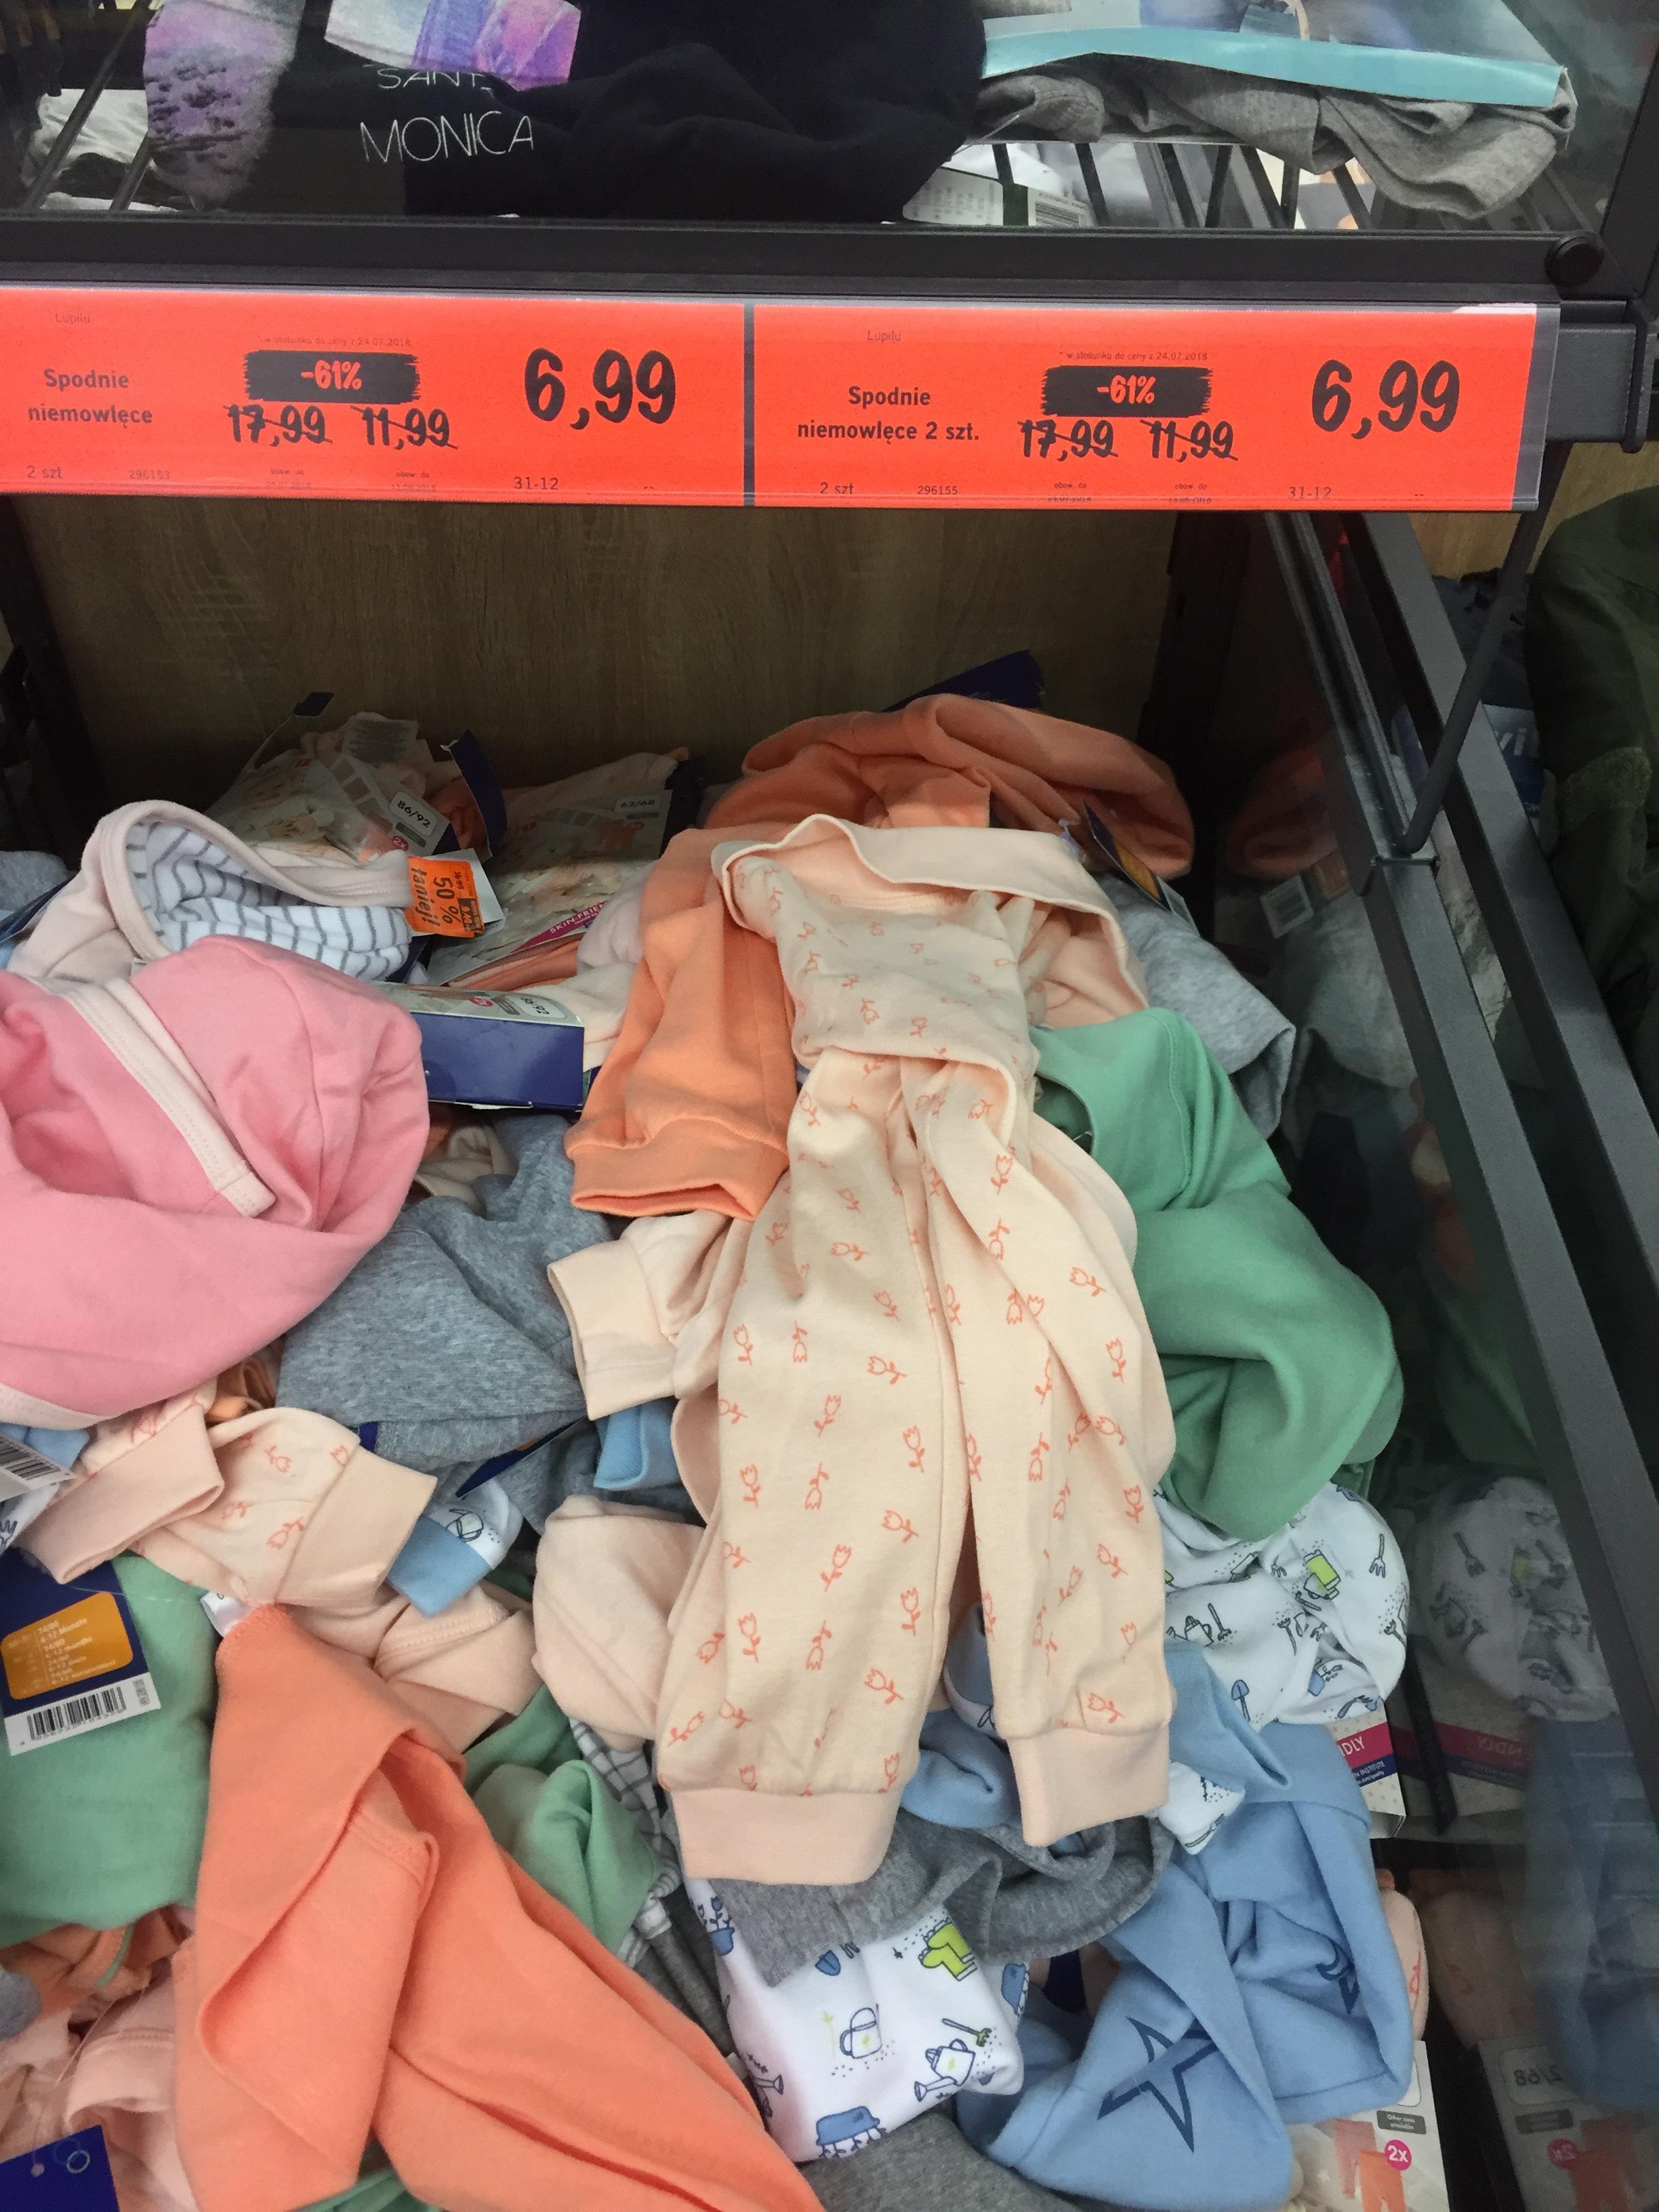 Lidl - spodenki niemowlęce   6,99/2 szt, body 5,99/2 szt